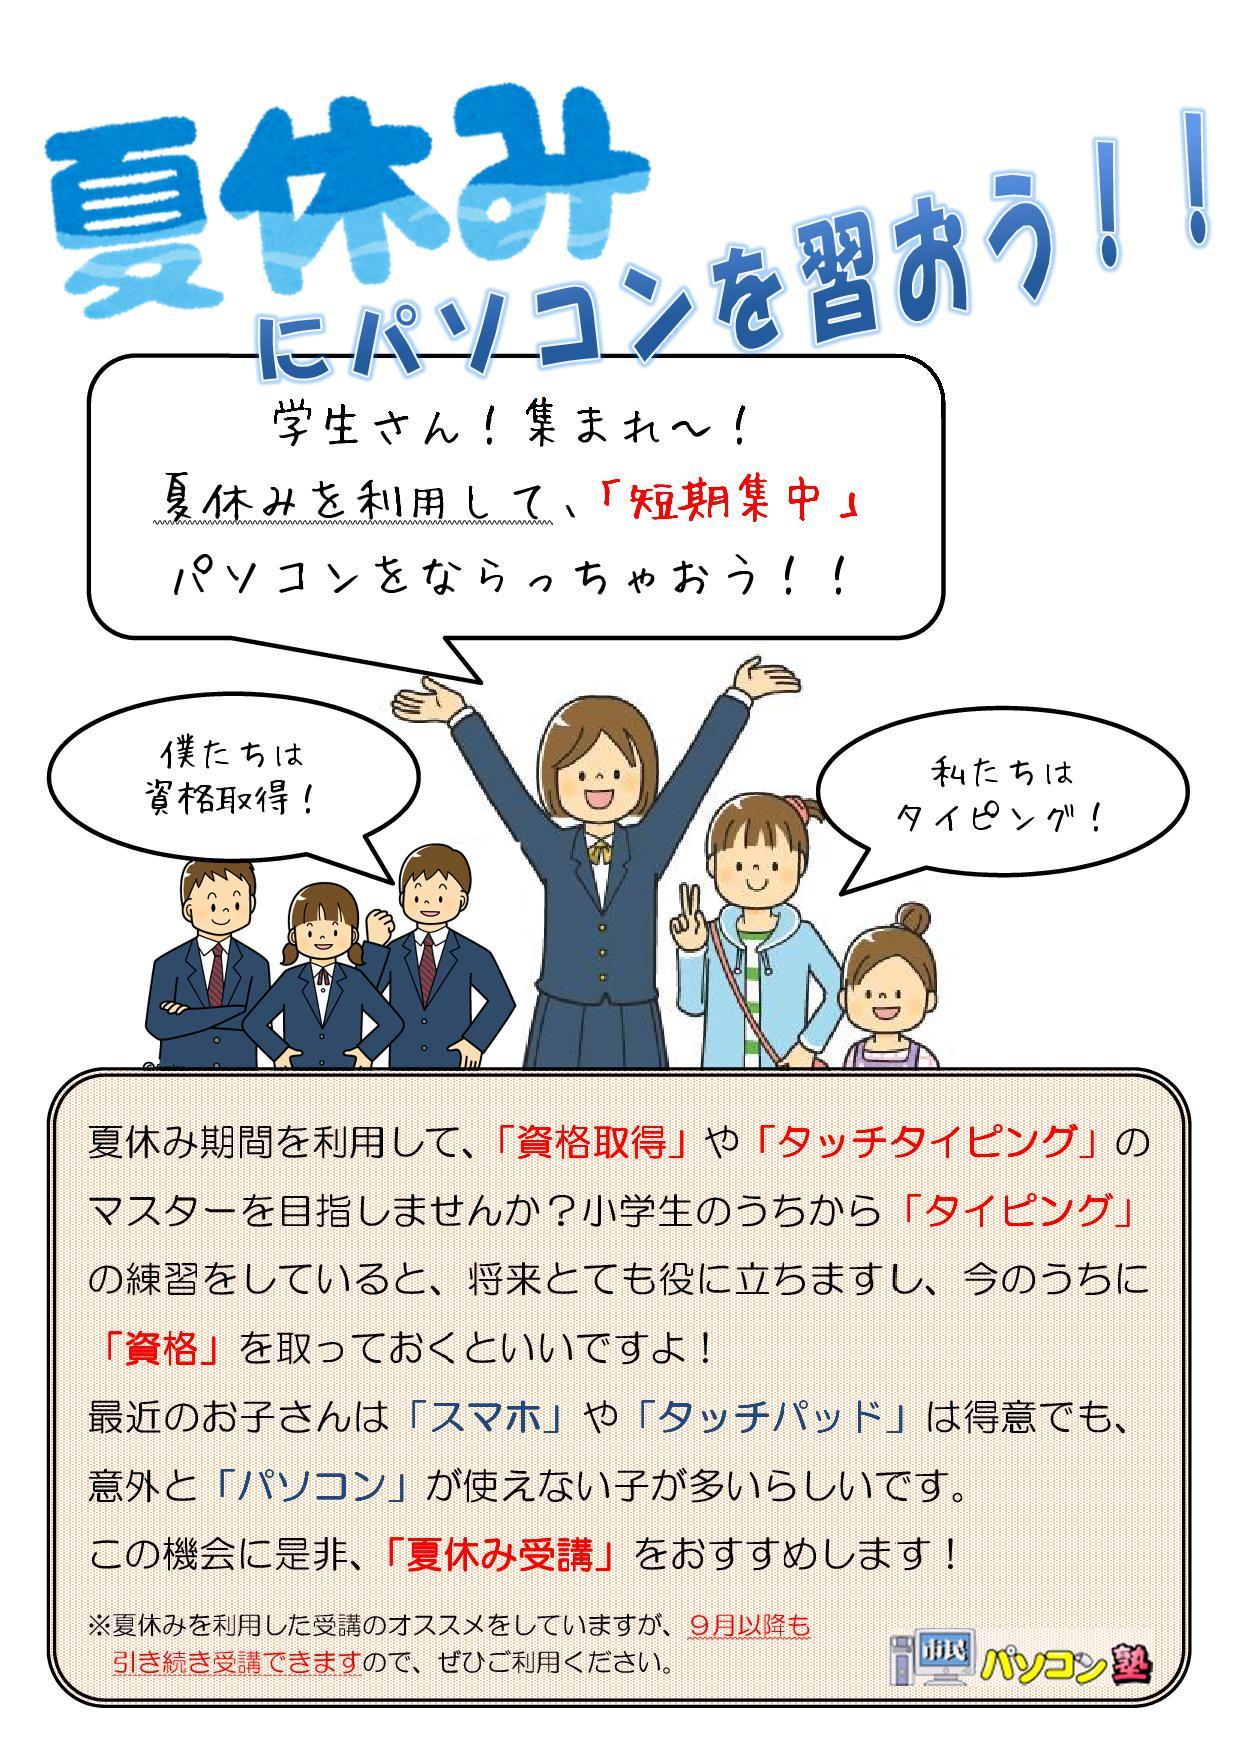 2016.08.02ブログ-夏休み受講.jpg